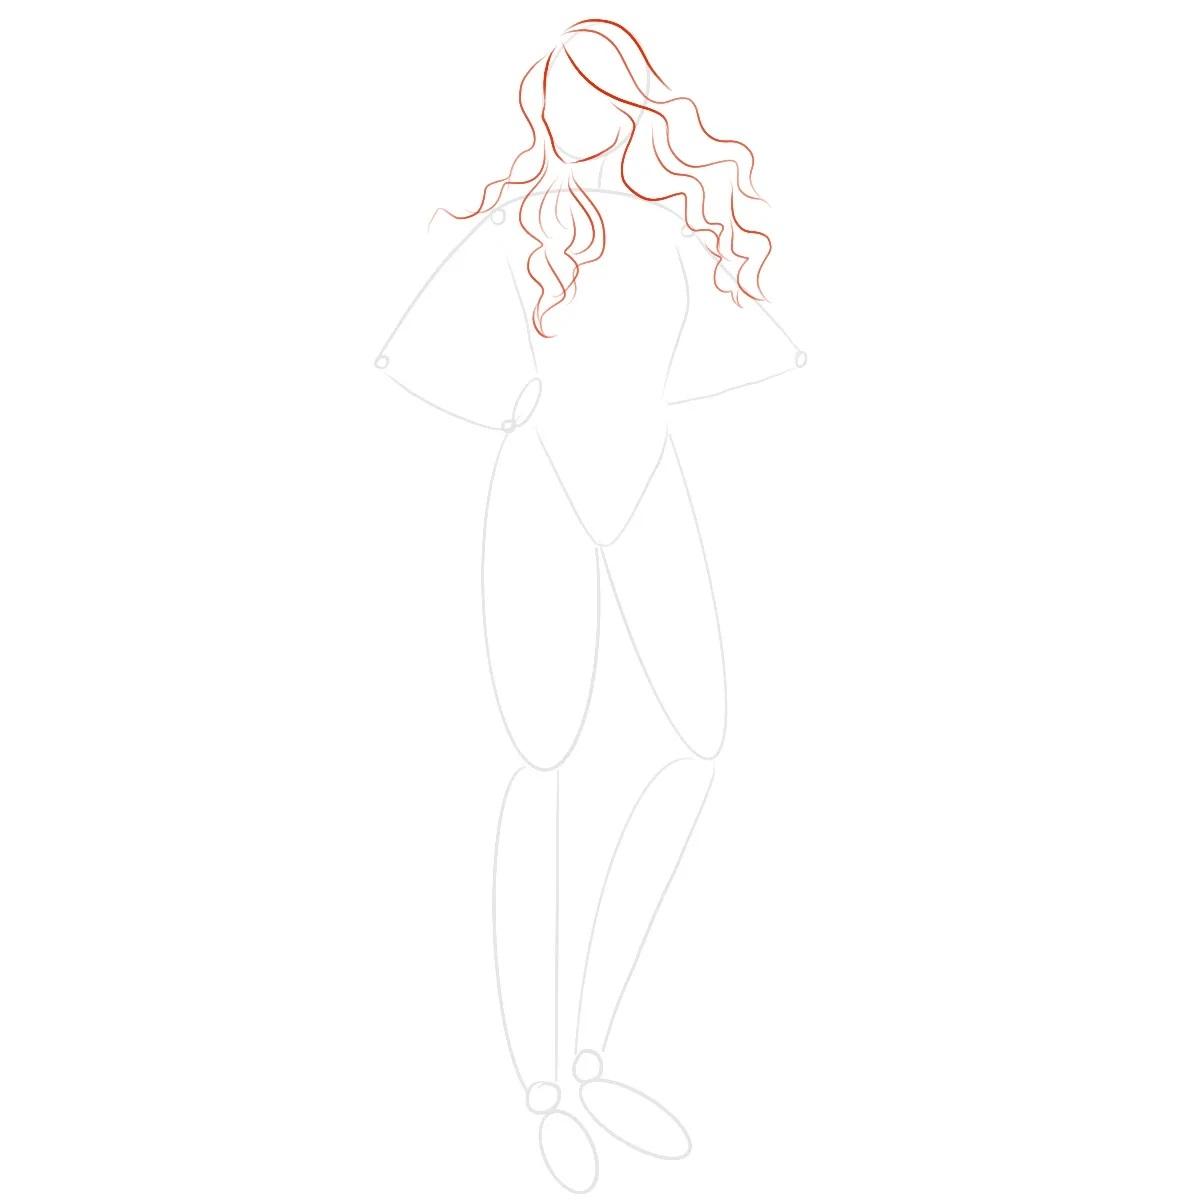 как нарисовать королеву мэйв 2